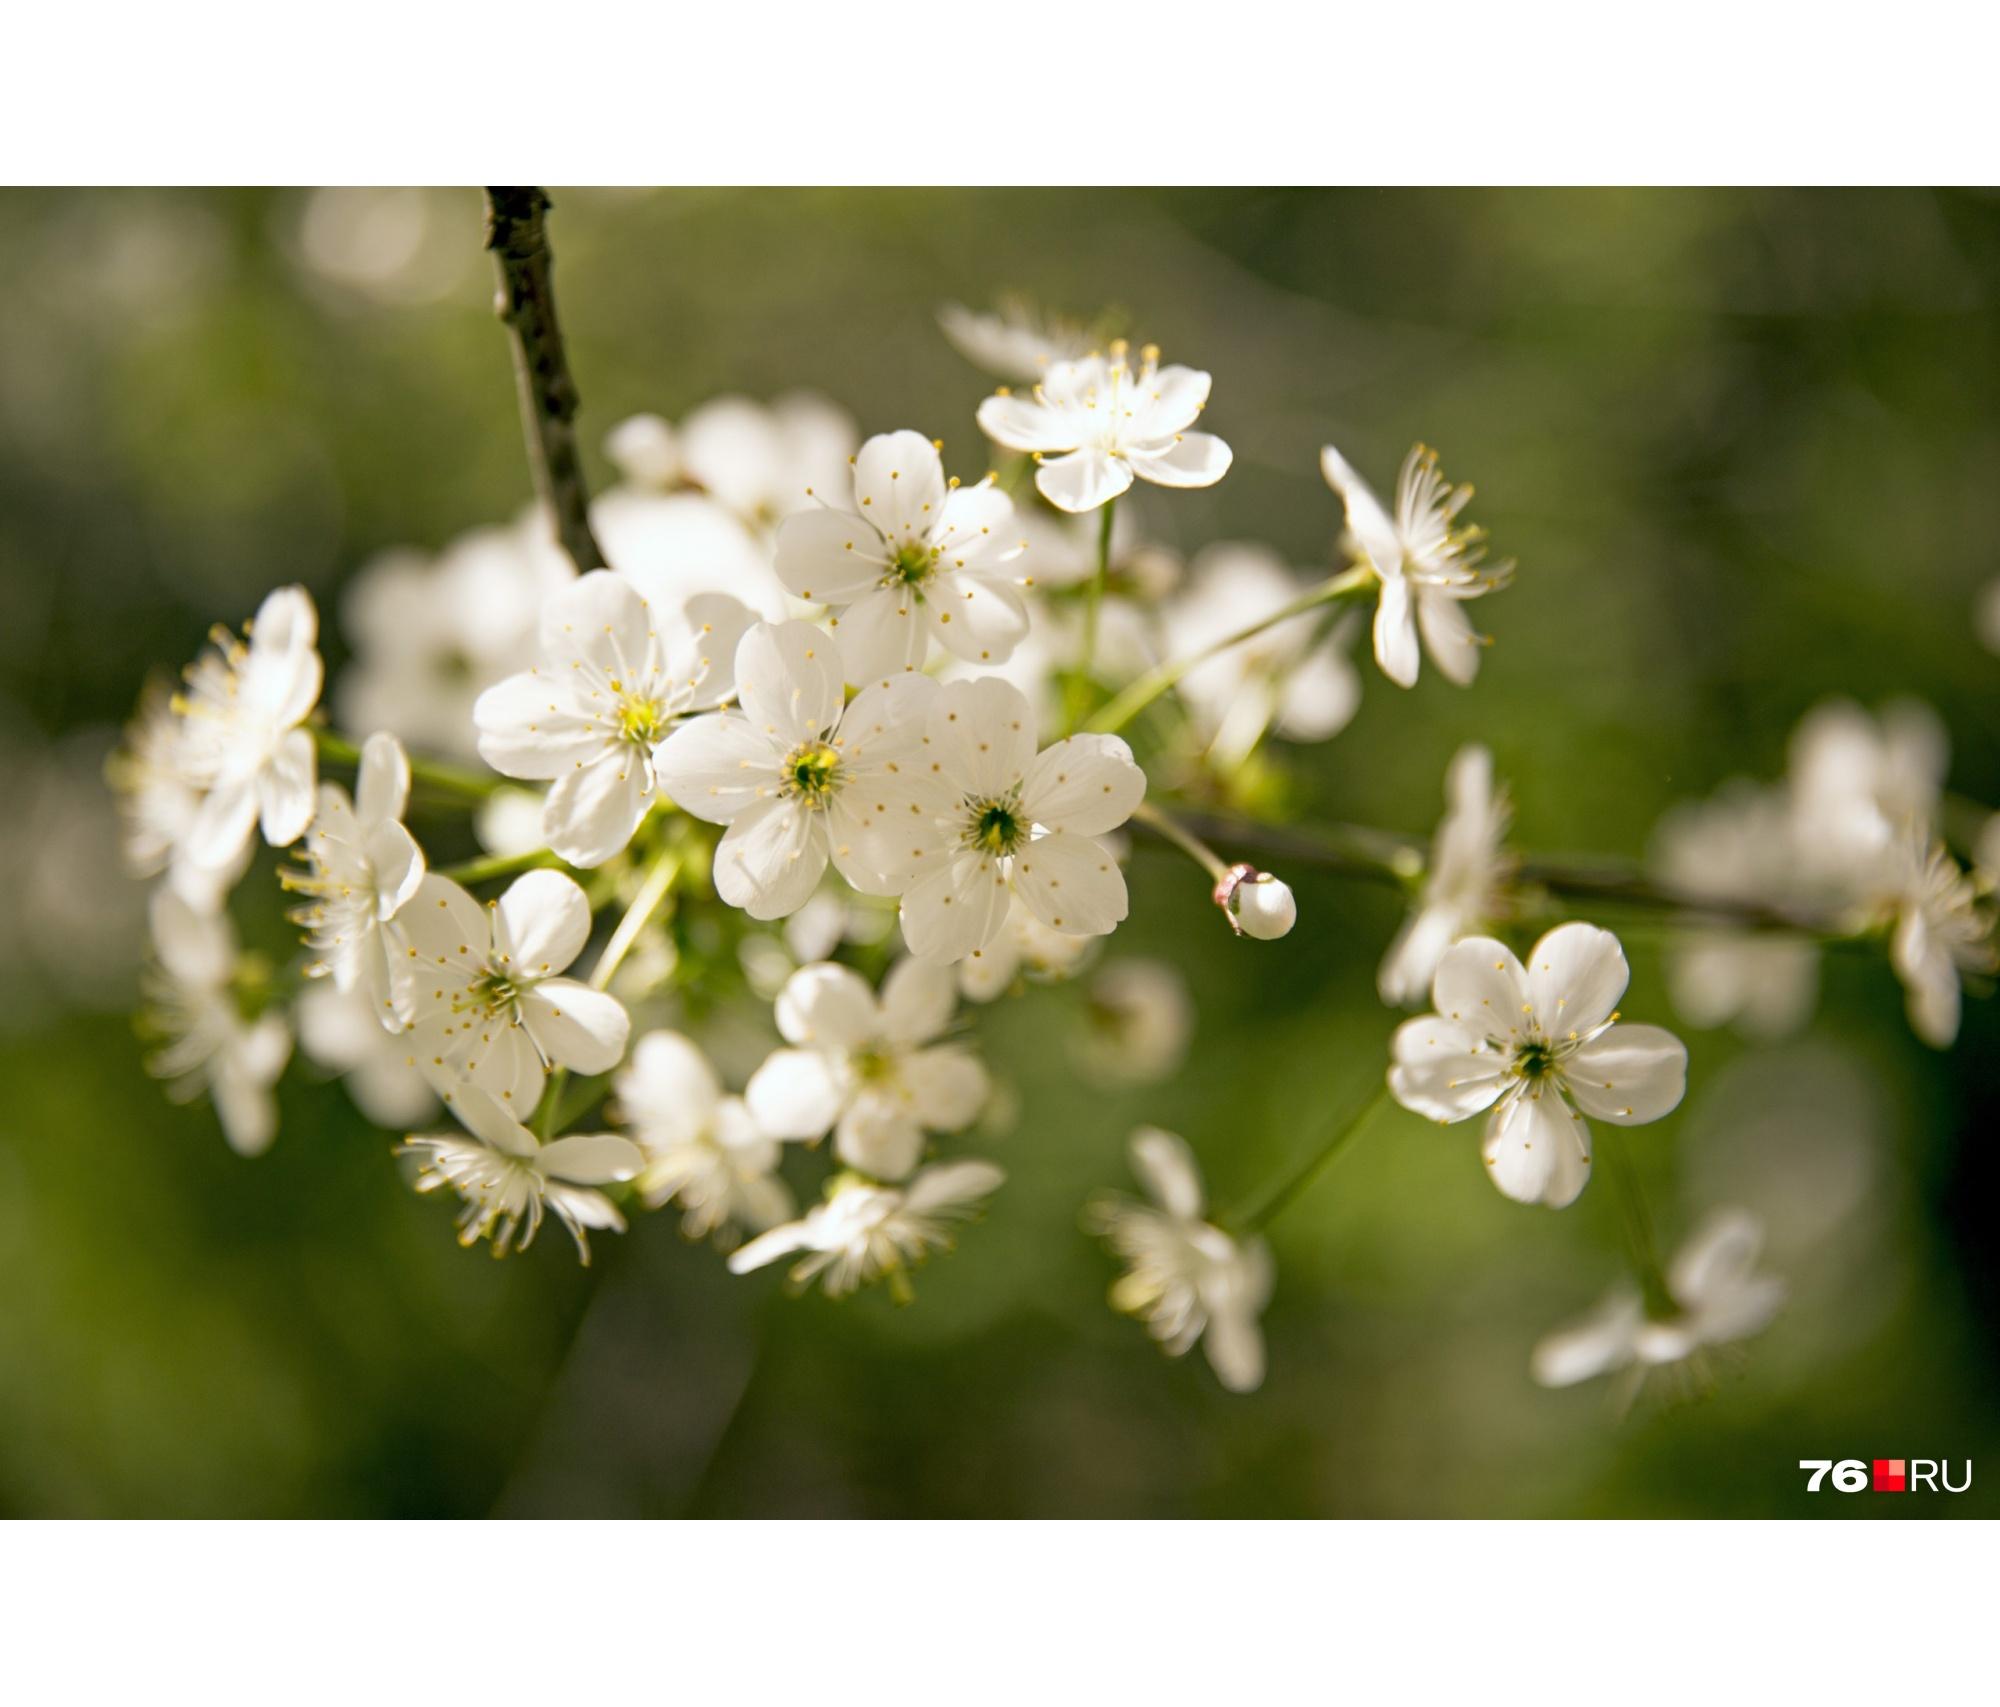 Март в Ярославле будет тёплым, весна — ранней